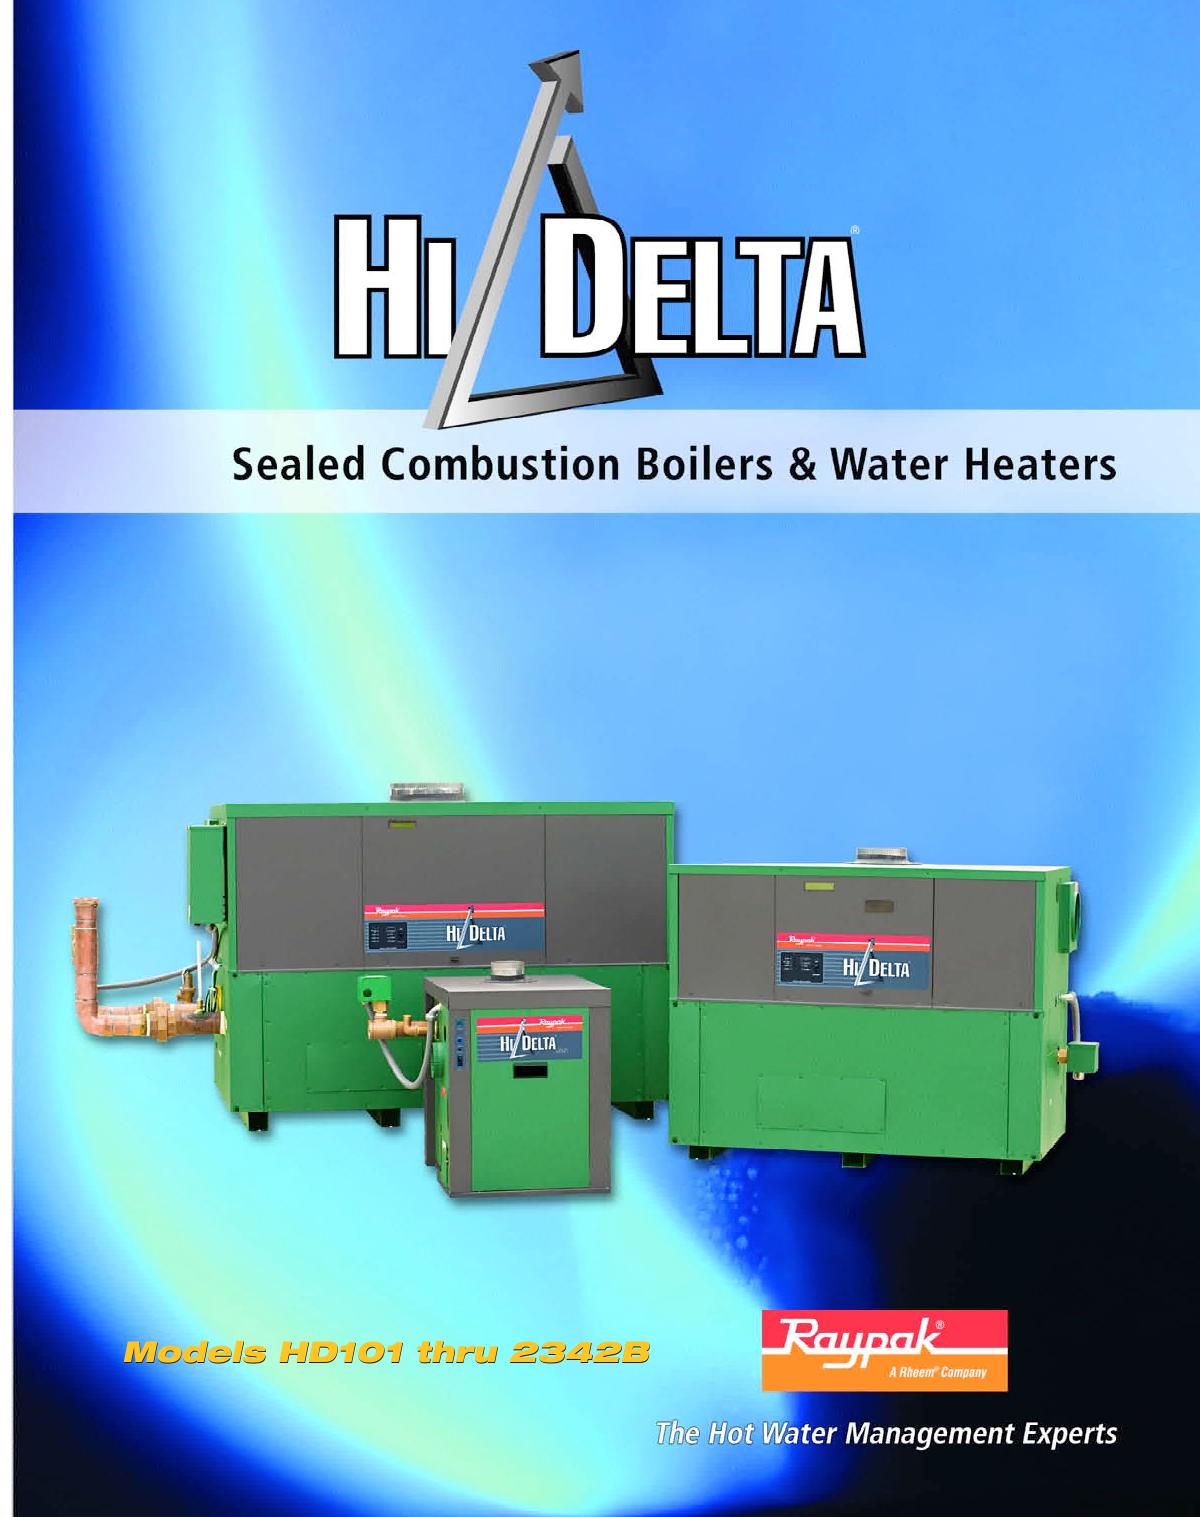 Raypak Hi Delta brochure   manualzz.com